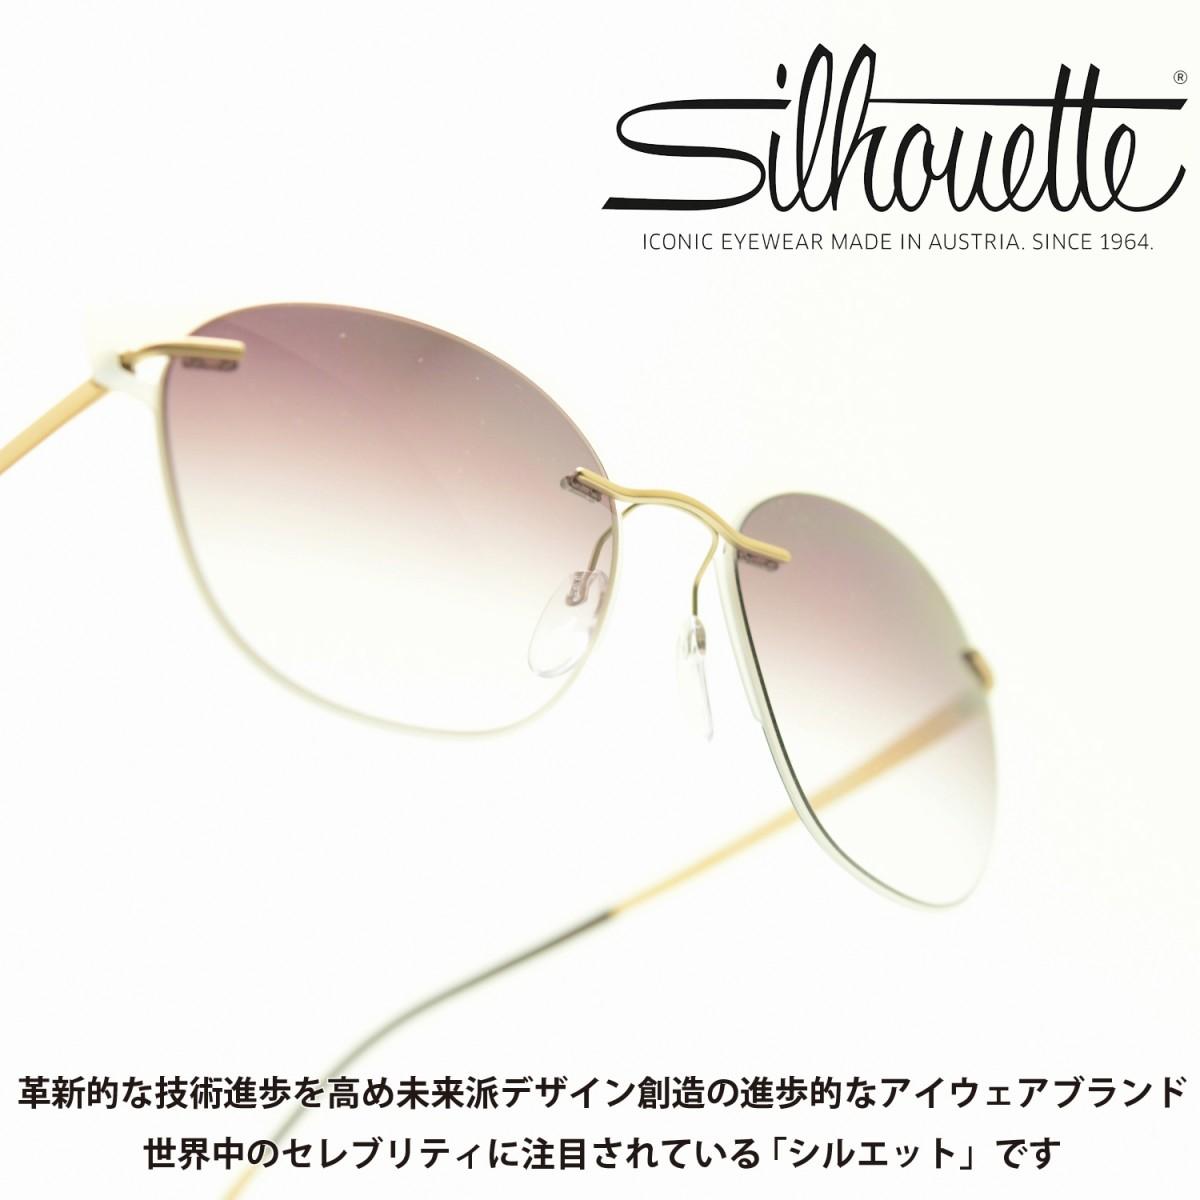 画像1: Silhouette シルエット Accent Shadesコレクション 8702 75 8540 (1)